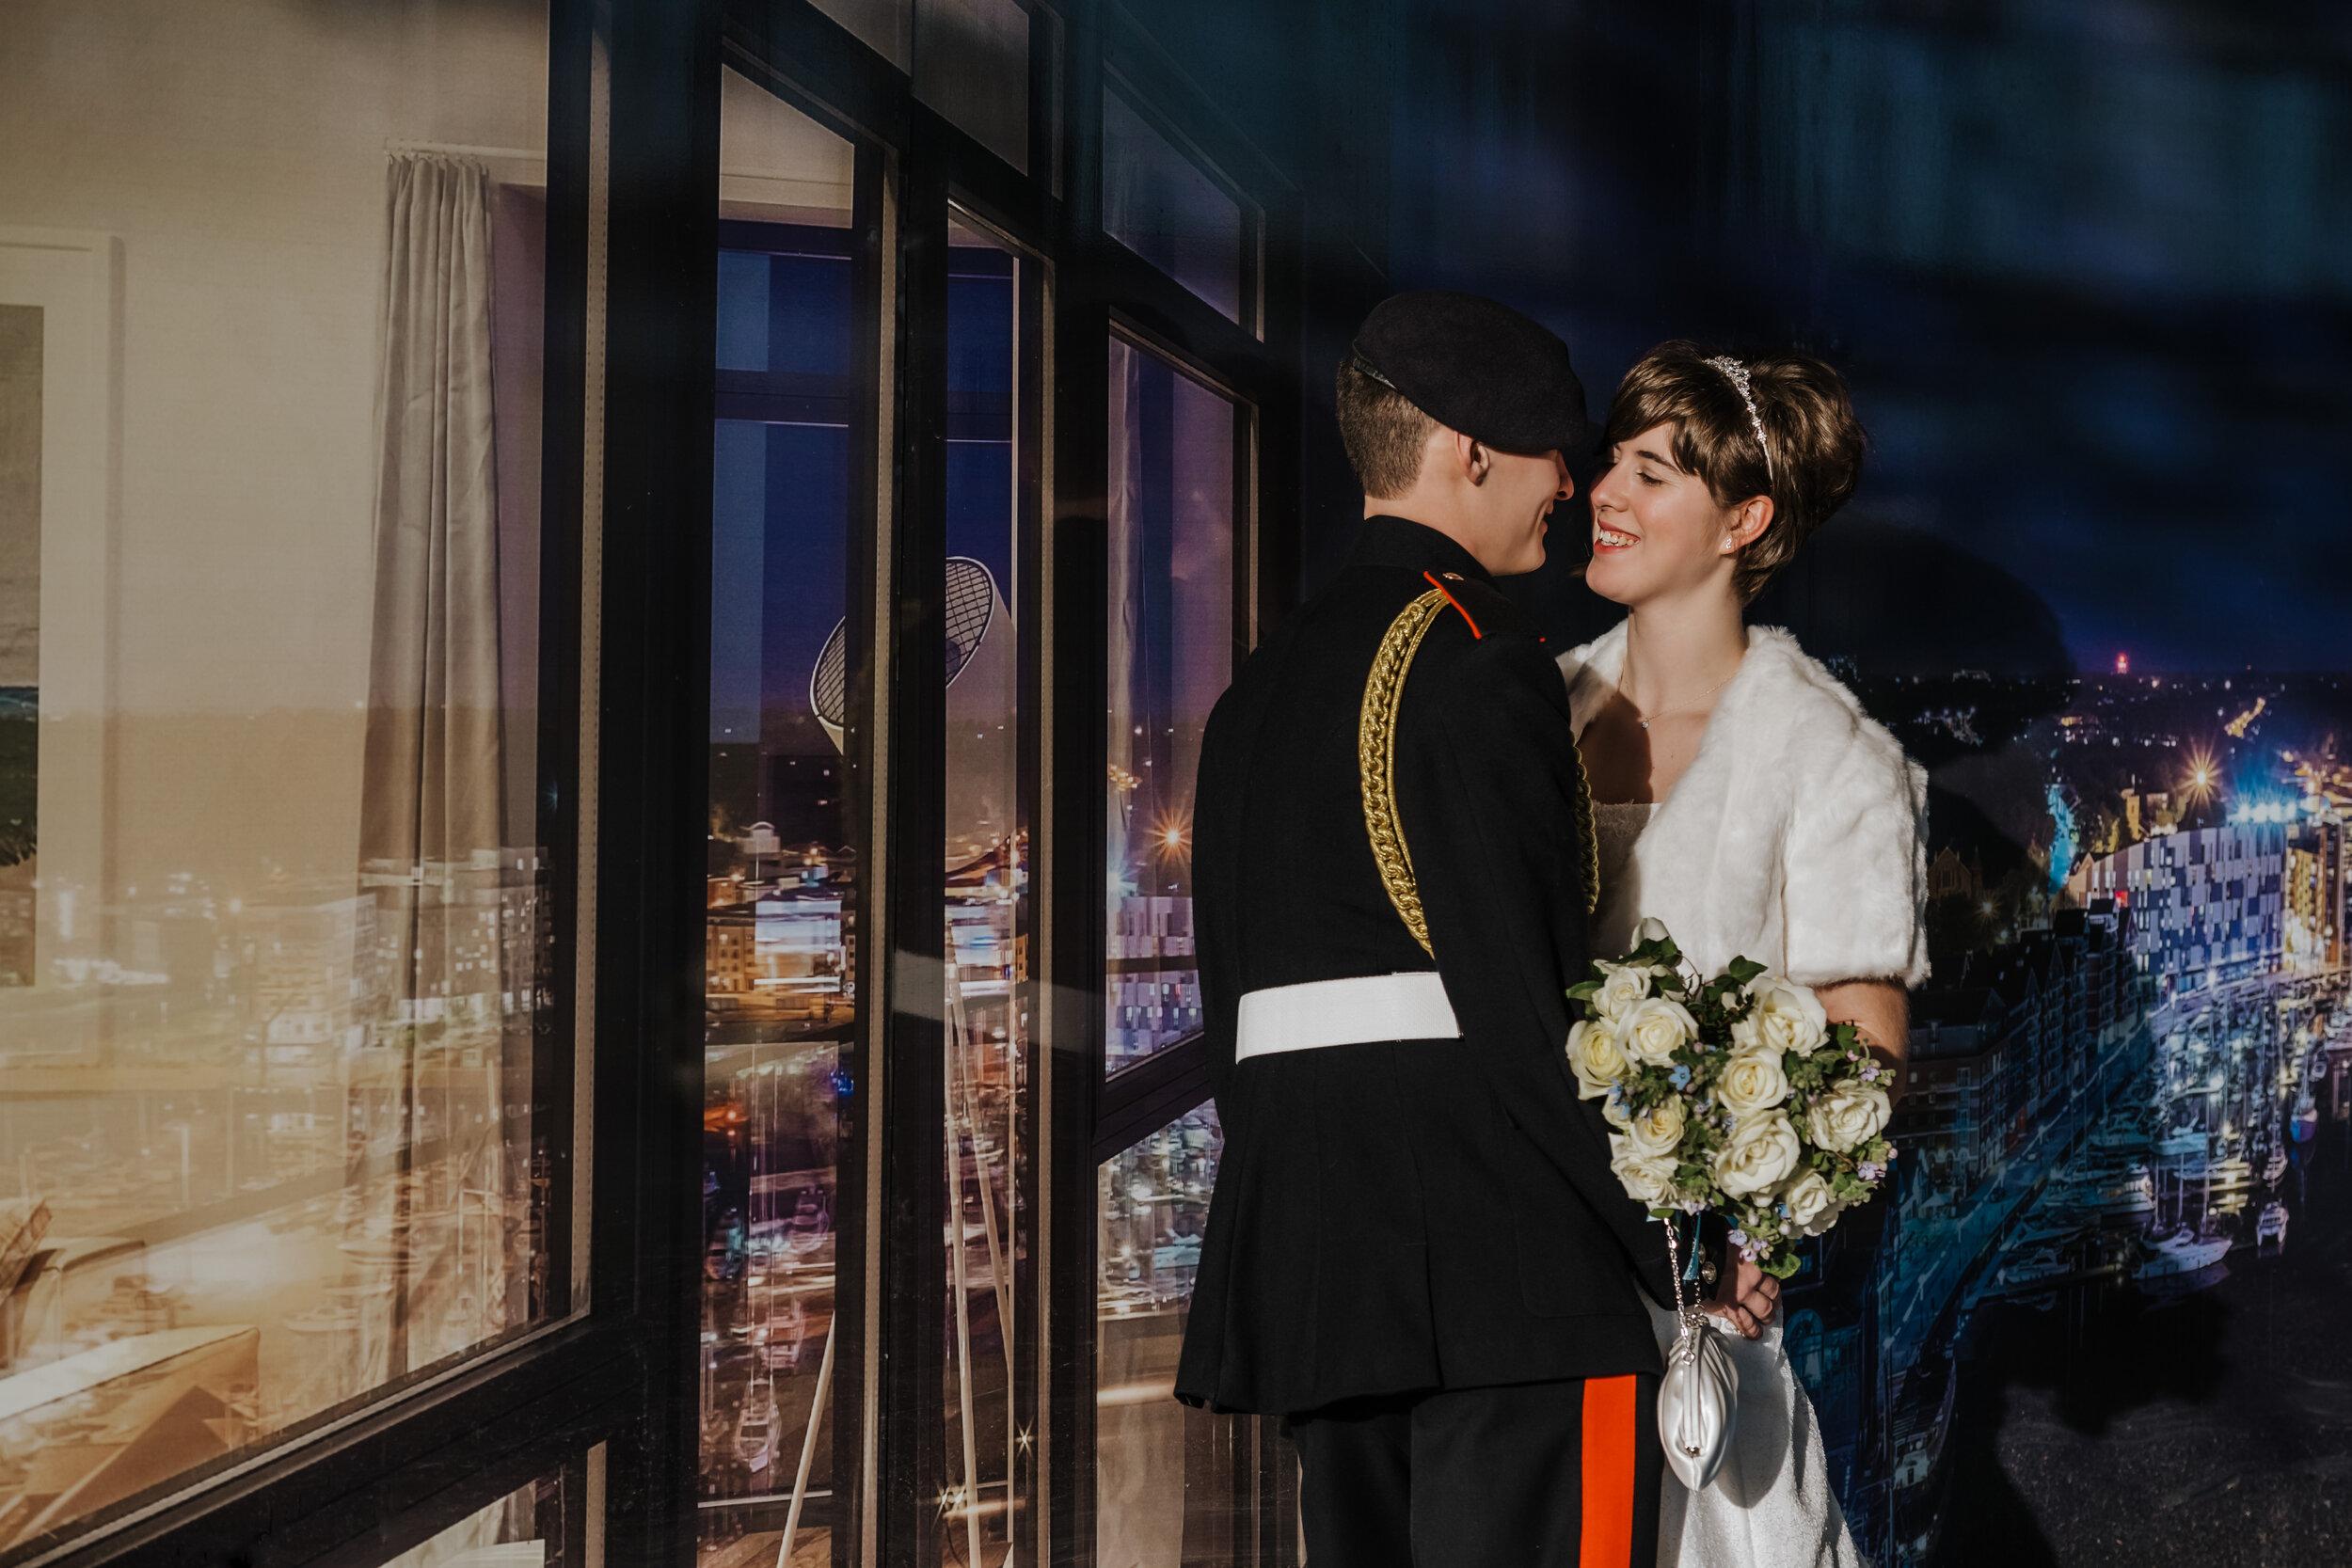 SUFFOLK_WEDDING_PHOTOGRAPHY_ISAACS_WEDDING_VENUE_WEDDINGPHOTOGRAPHERNEARME_iPSWICHWEDDINGPHOTOGRAPHER (57).jpg